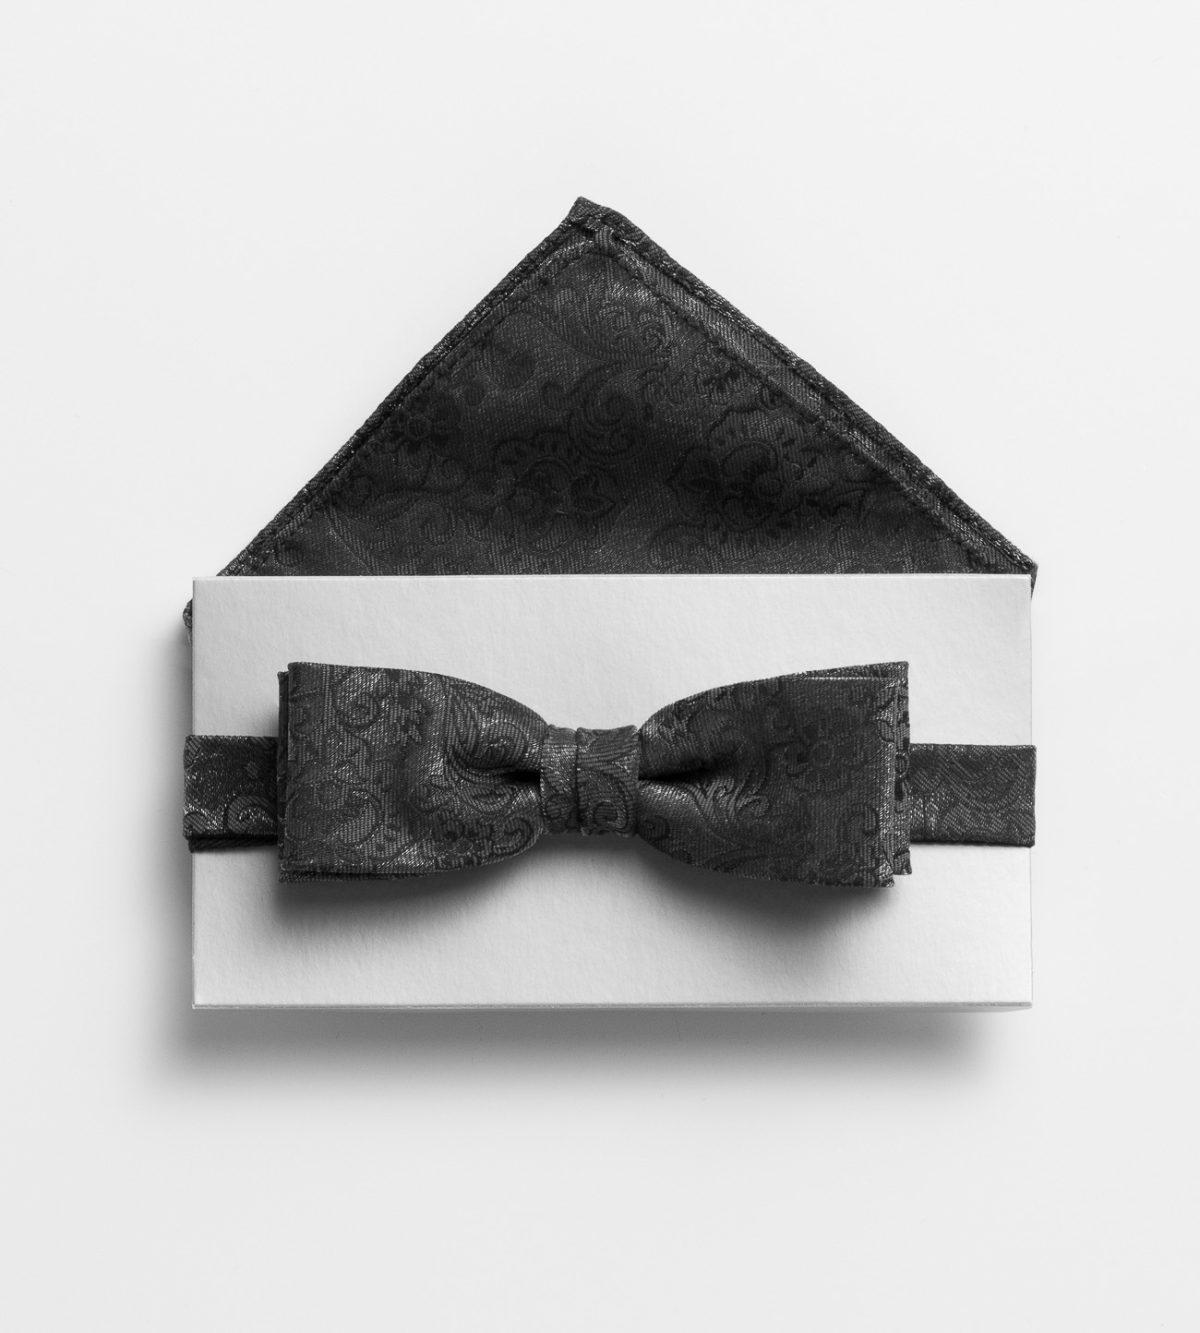 szurke-barokk-mintas-csokornyakkendo-szett-diszzsebkendovel-less-1008913-42